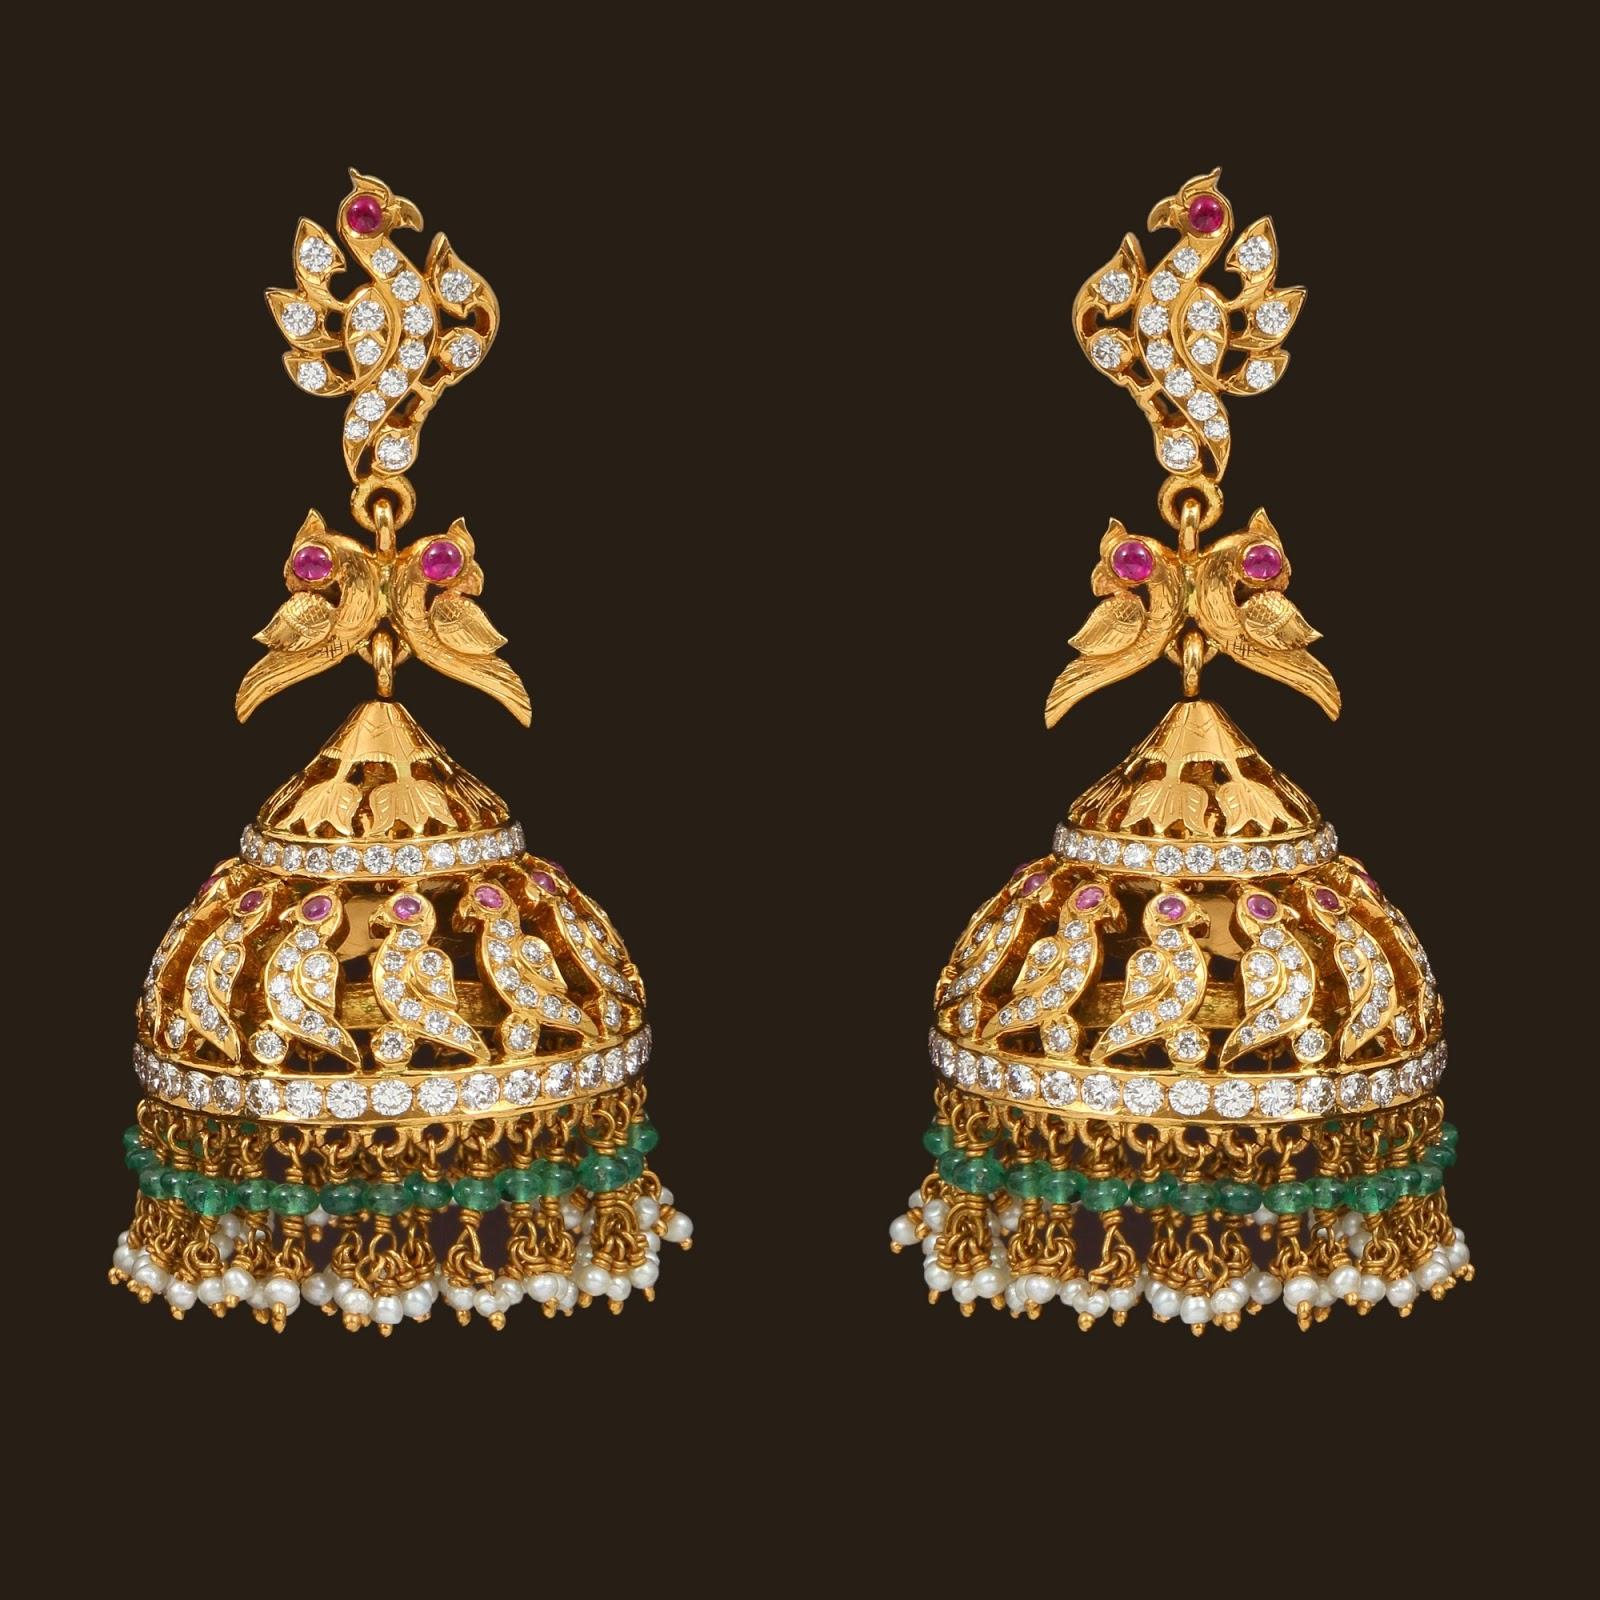 Vummidiars Latest Jewellery